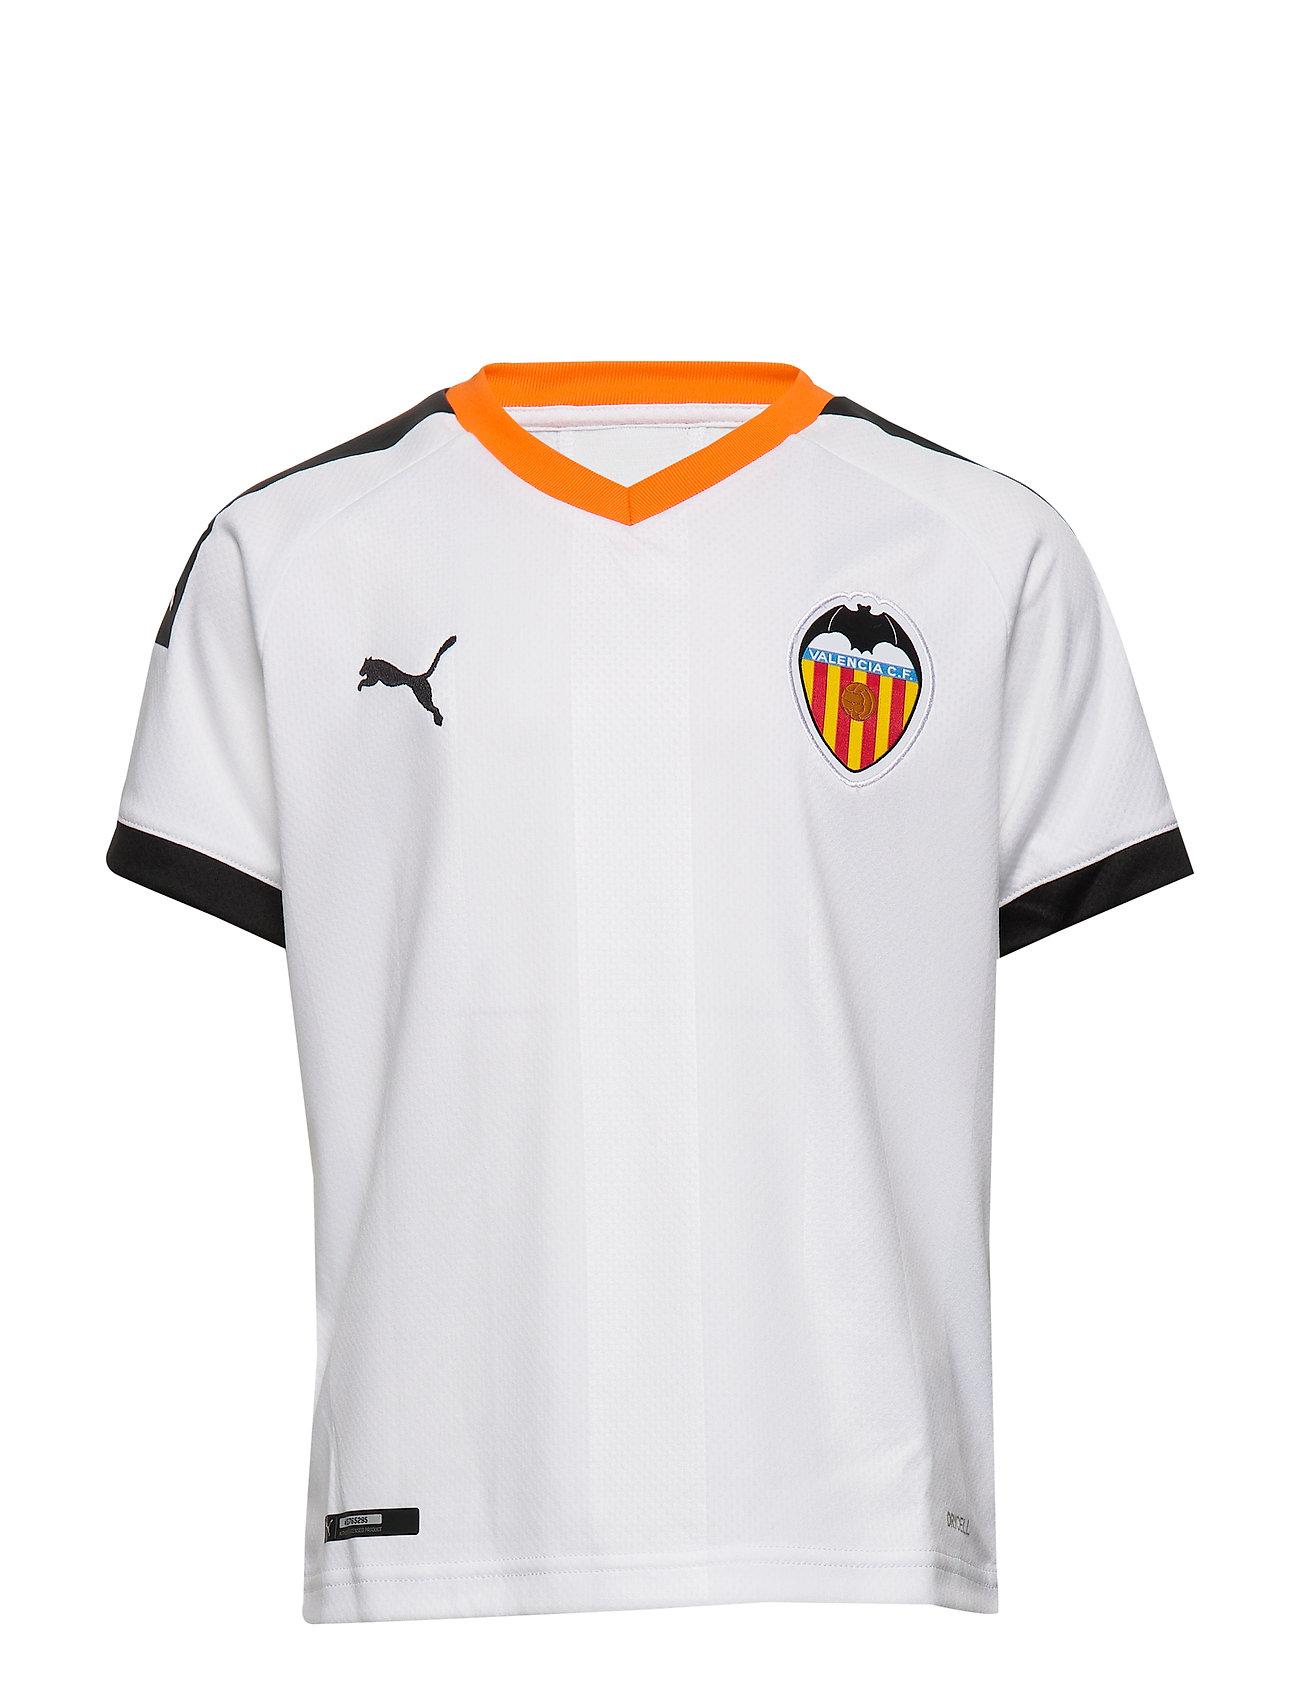 PUMA Vcf Home Shirt Replica Jr (Puma White-puma Black-vibrant ...